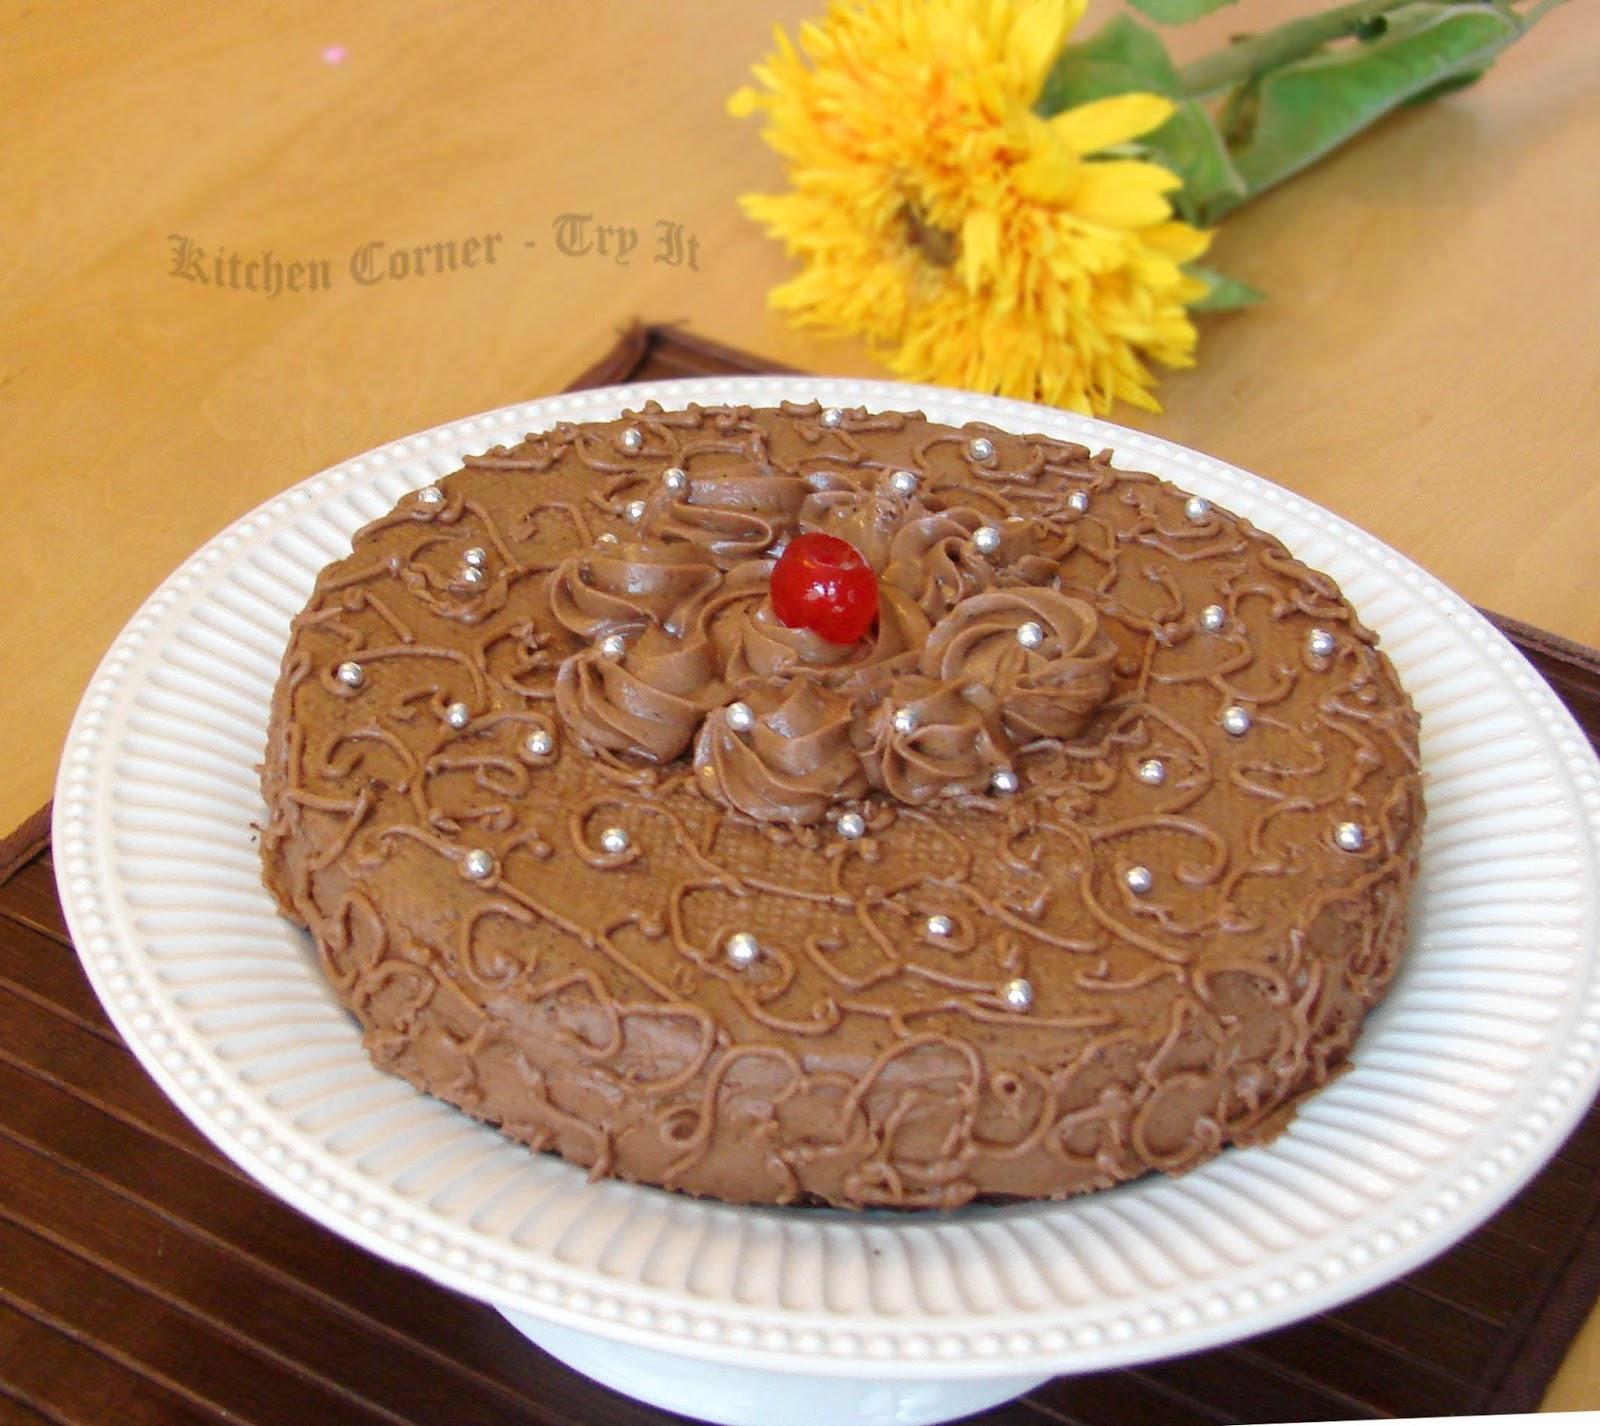 Mocha Cake Recipe Using Cake Mix